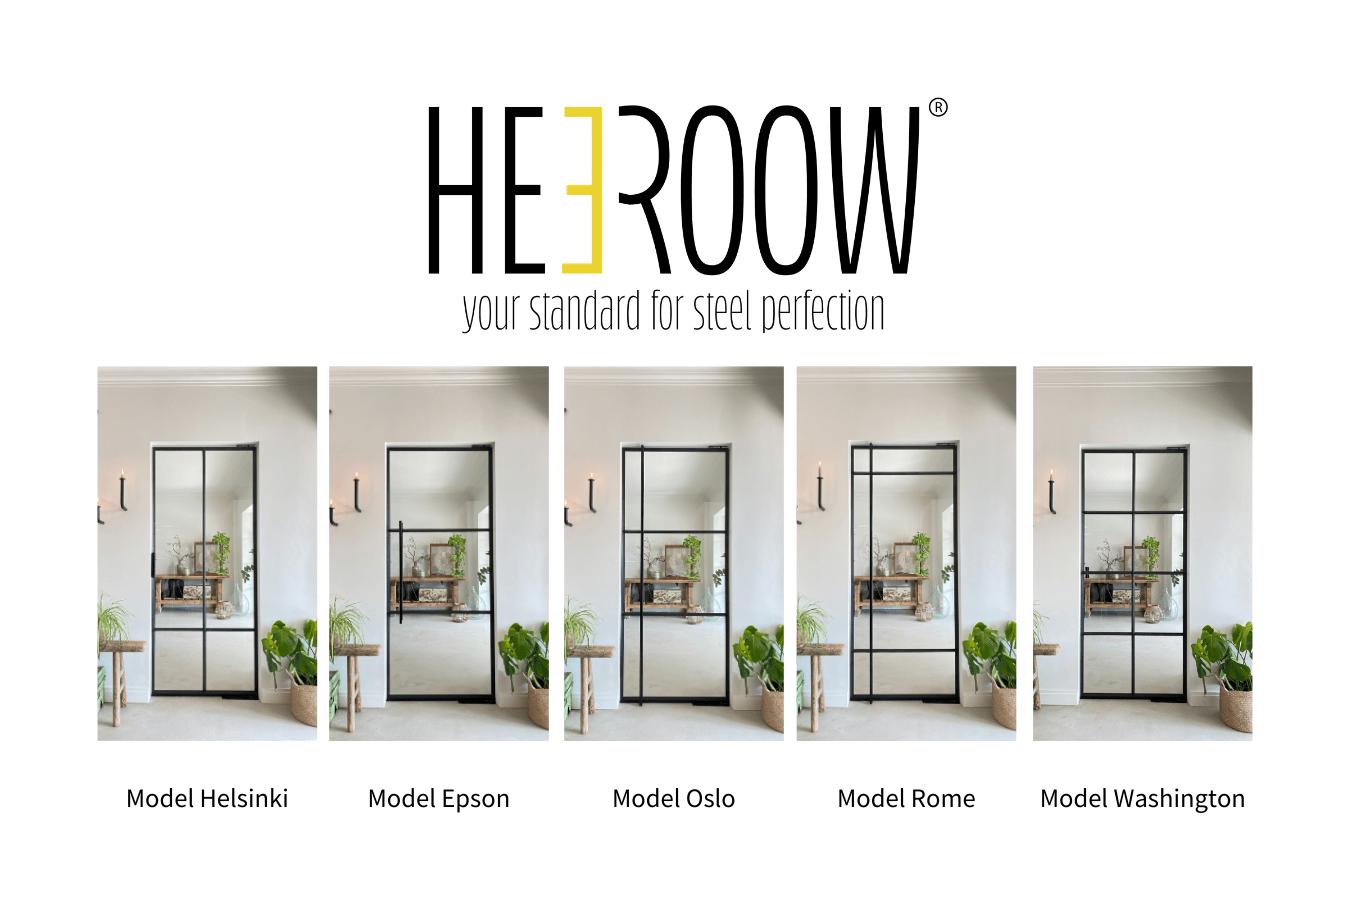 Heeroow vijf modellen